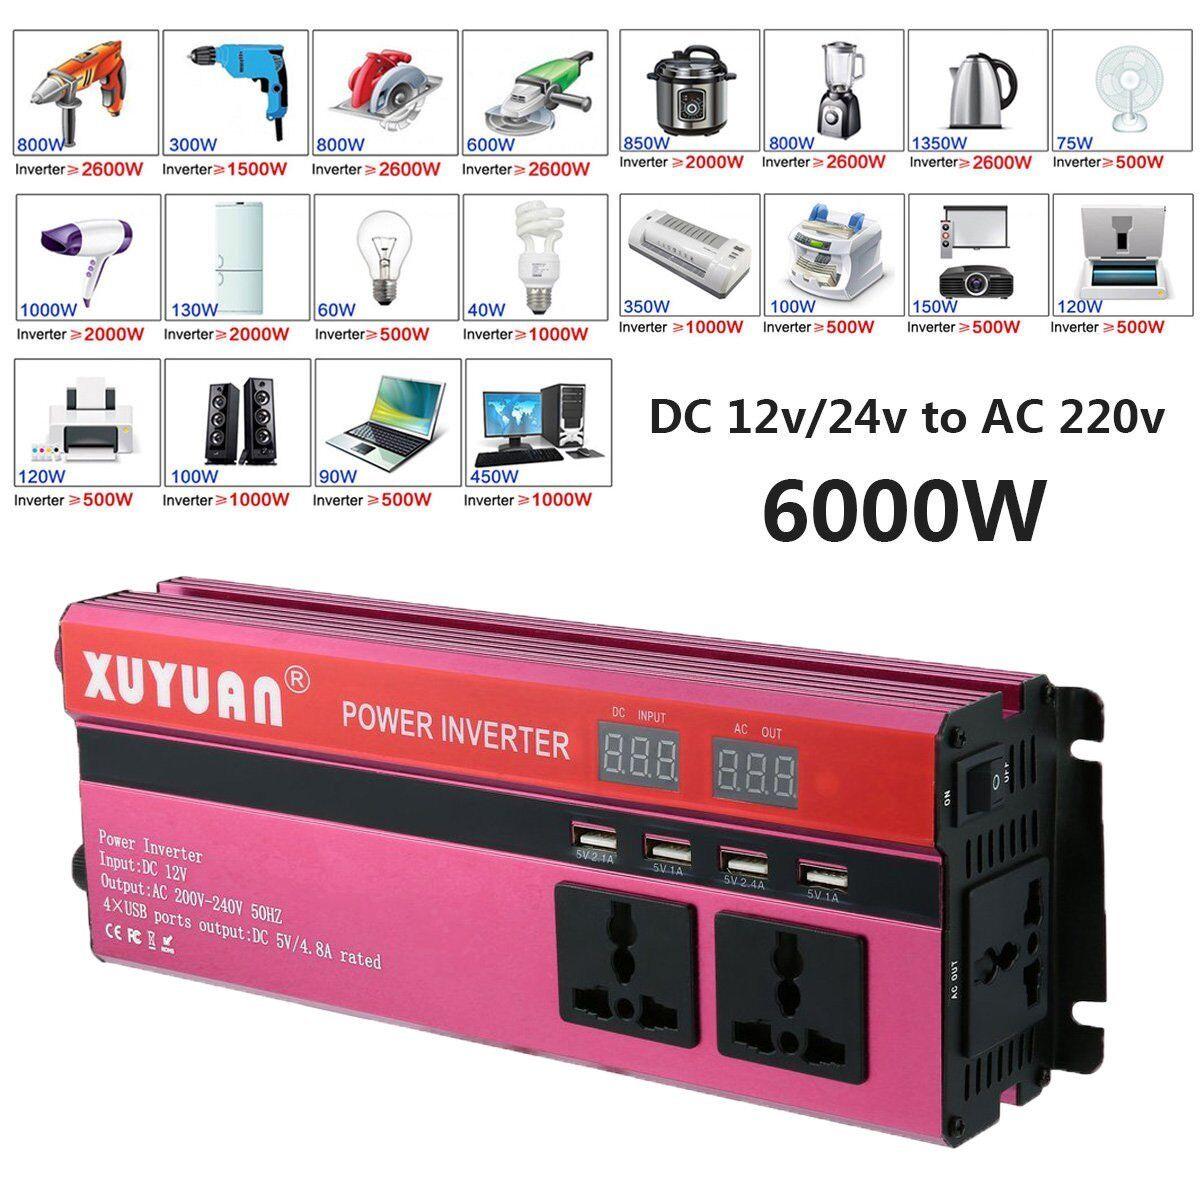 Spannungswandler 12V 6000W Stromwandler Solar Inverter Wechselrichter